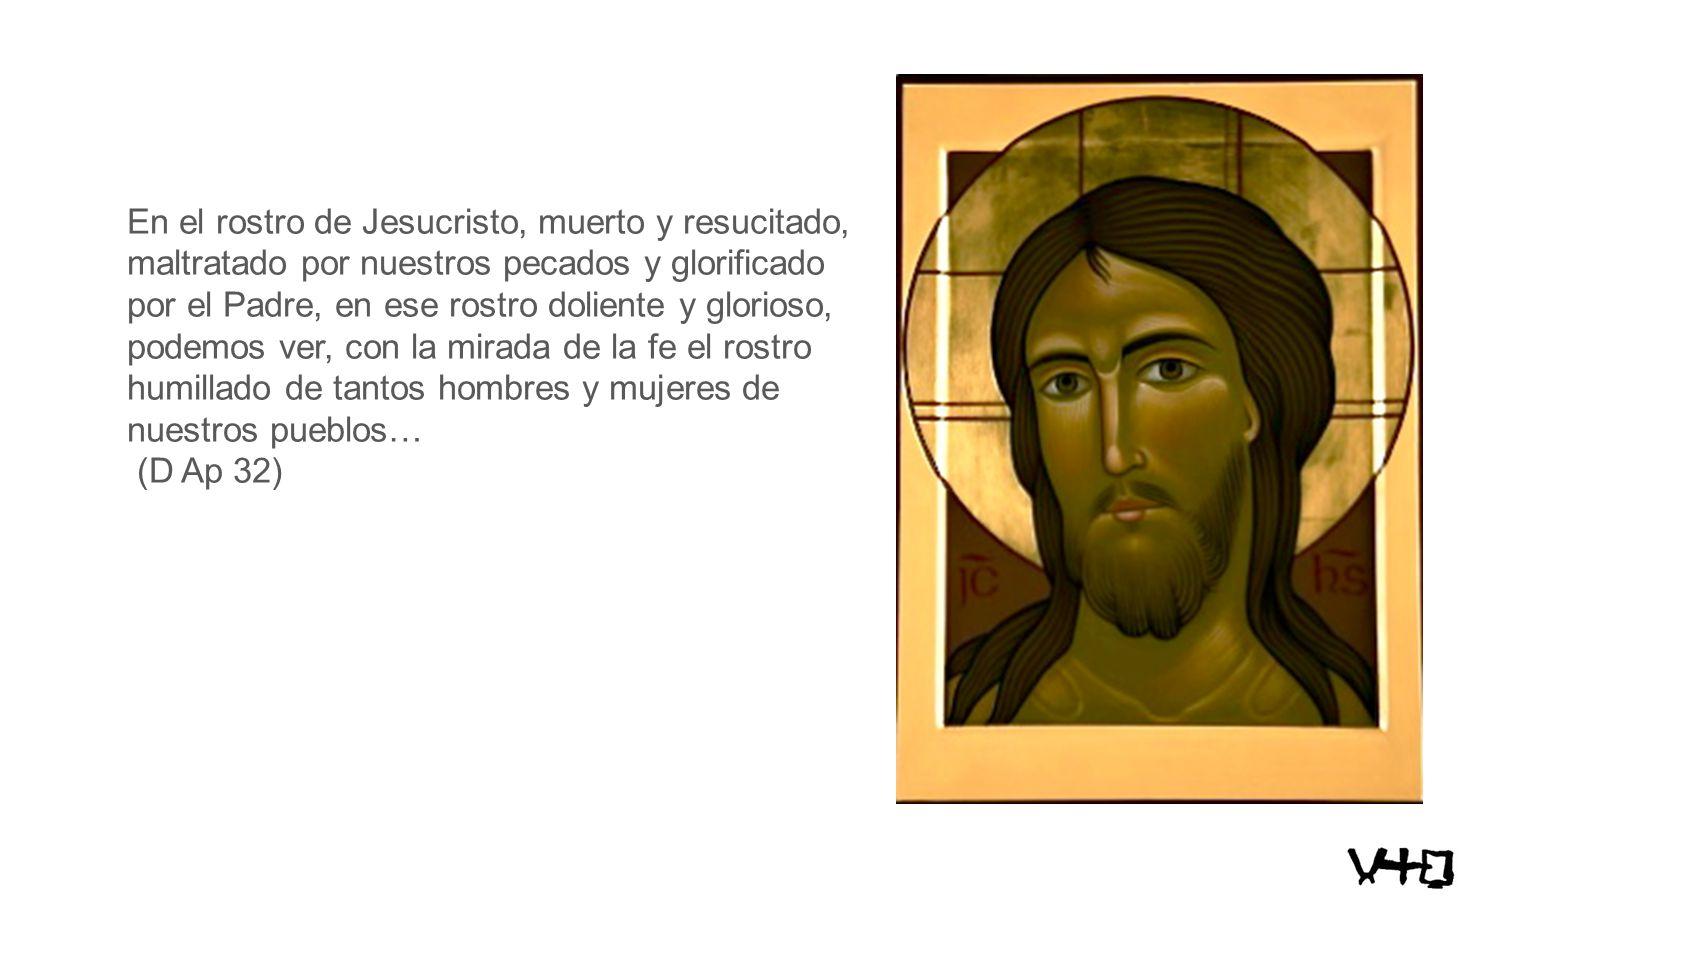 En el rostro de Jesucristo, muerto y resucitado, maltratado por nuestros pecados y glorificado por el Padre, en ese rostro doliente y glorioso, podemos ver, con la mirada de la fe el rostro humillado de tantos hombres y mujeres de nuestros pueblos…